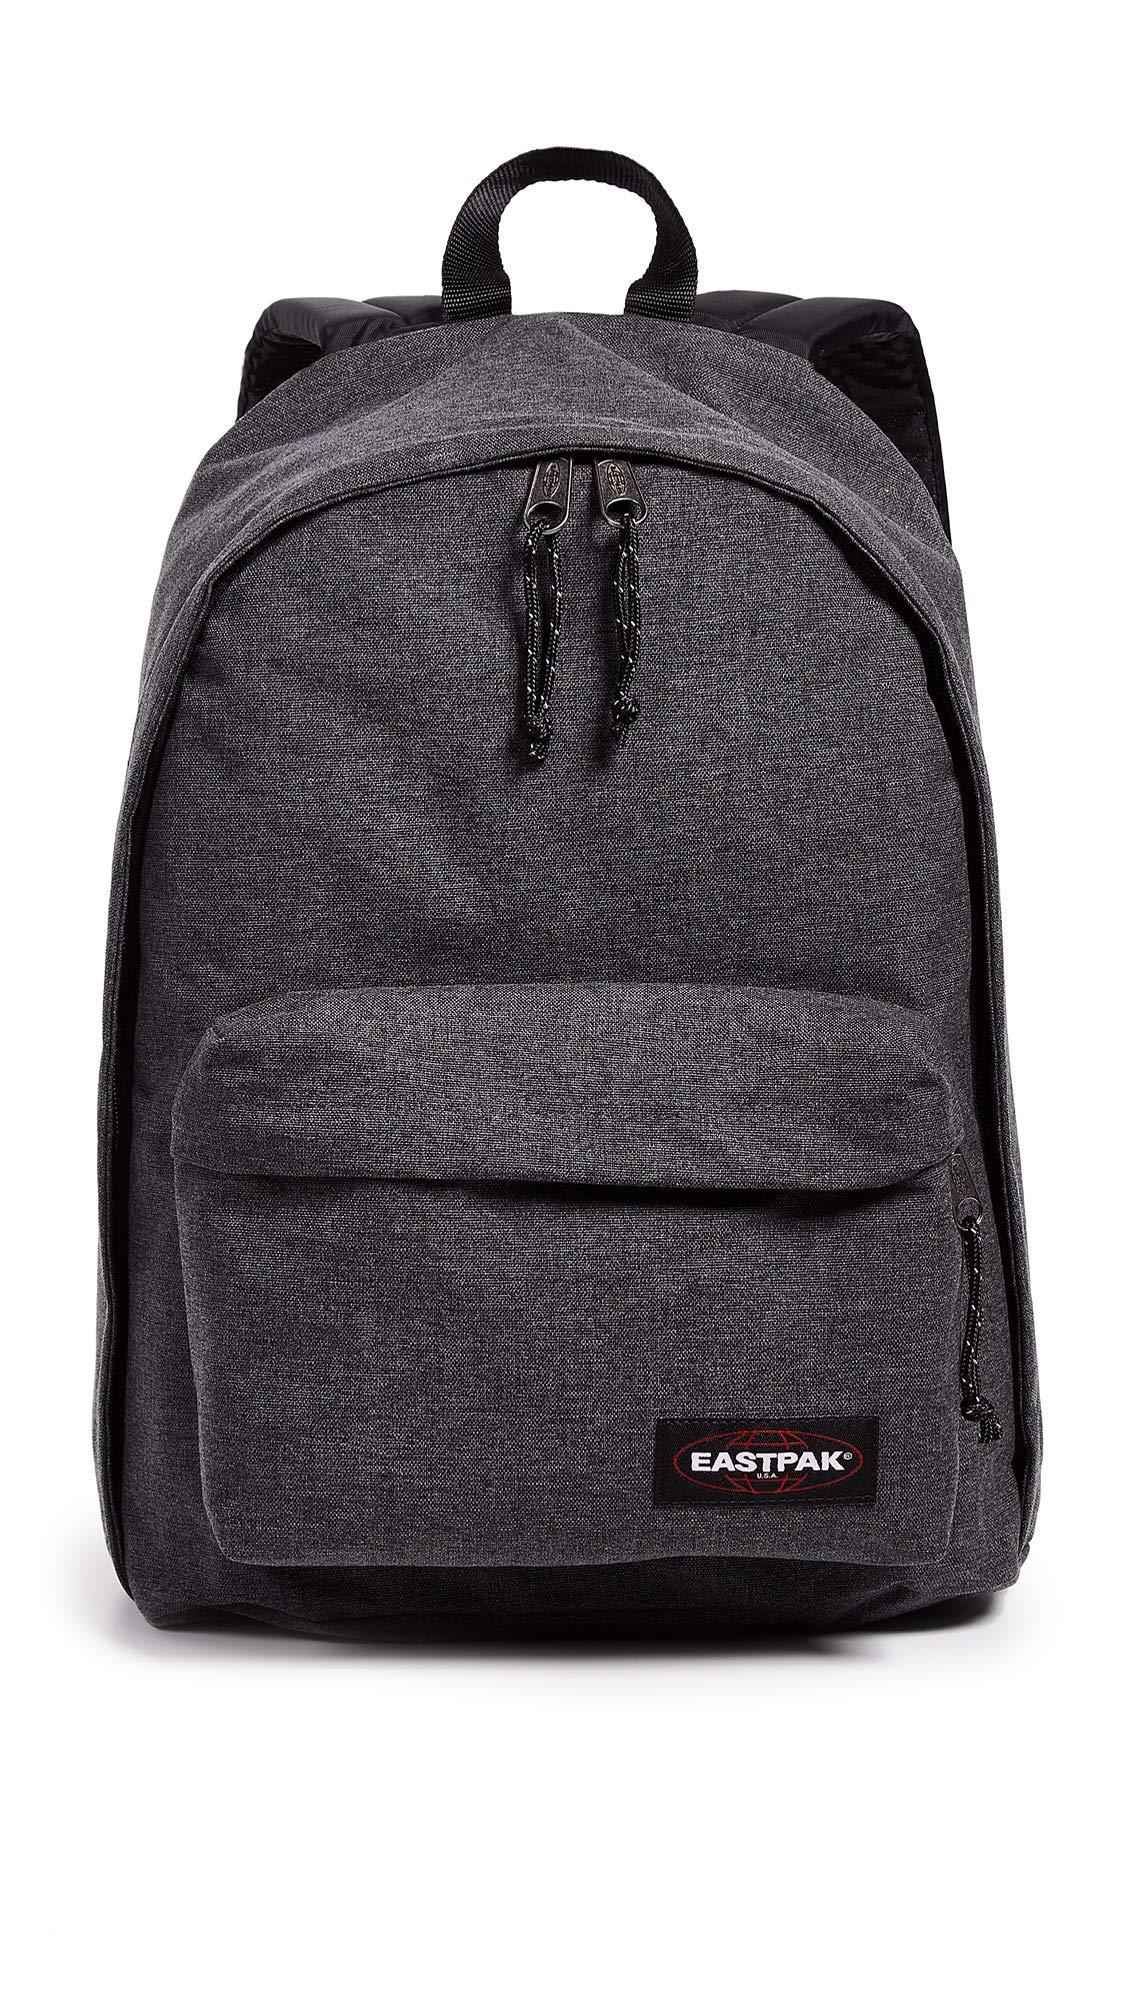 Eastpak Men's Out Of Office Backpack, Black Denim, One Size